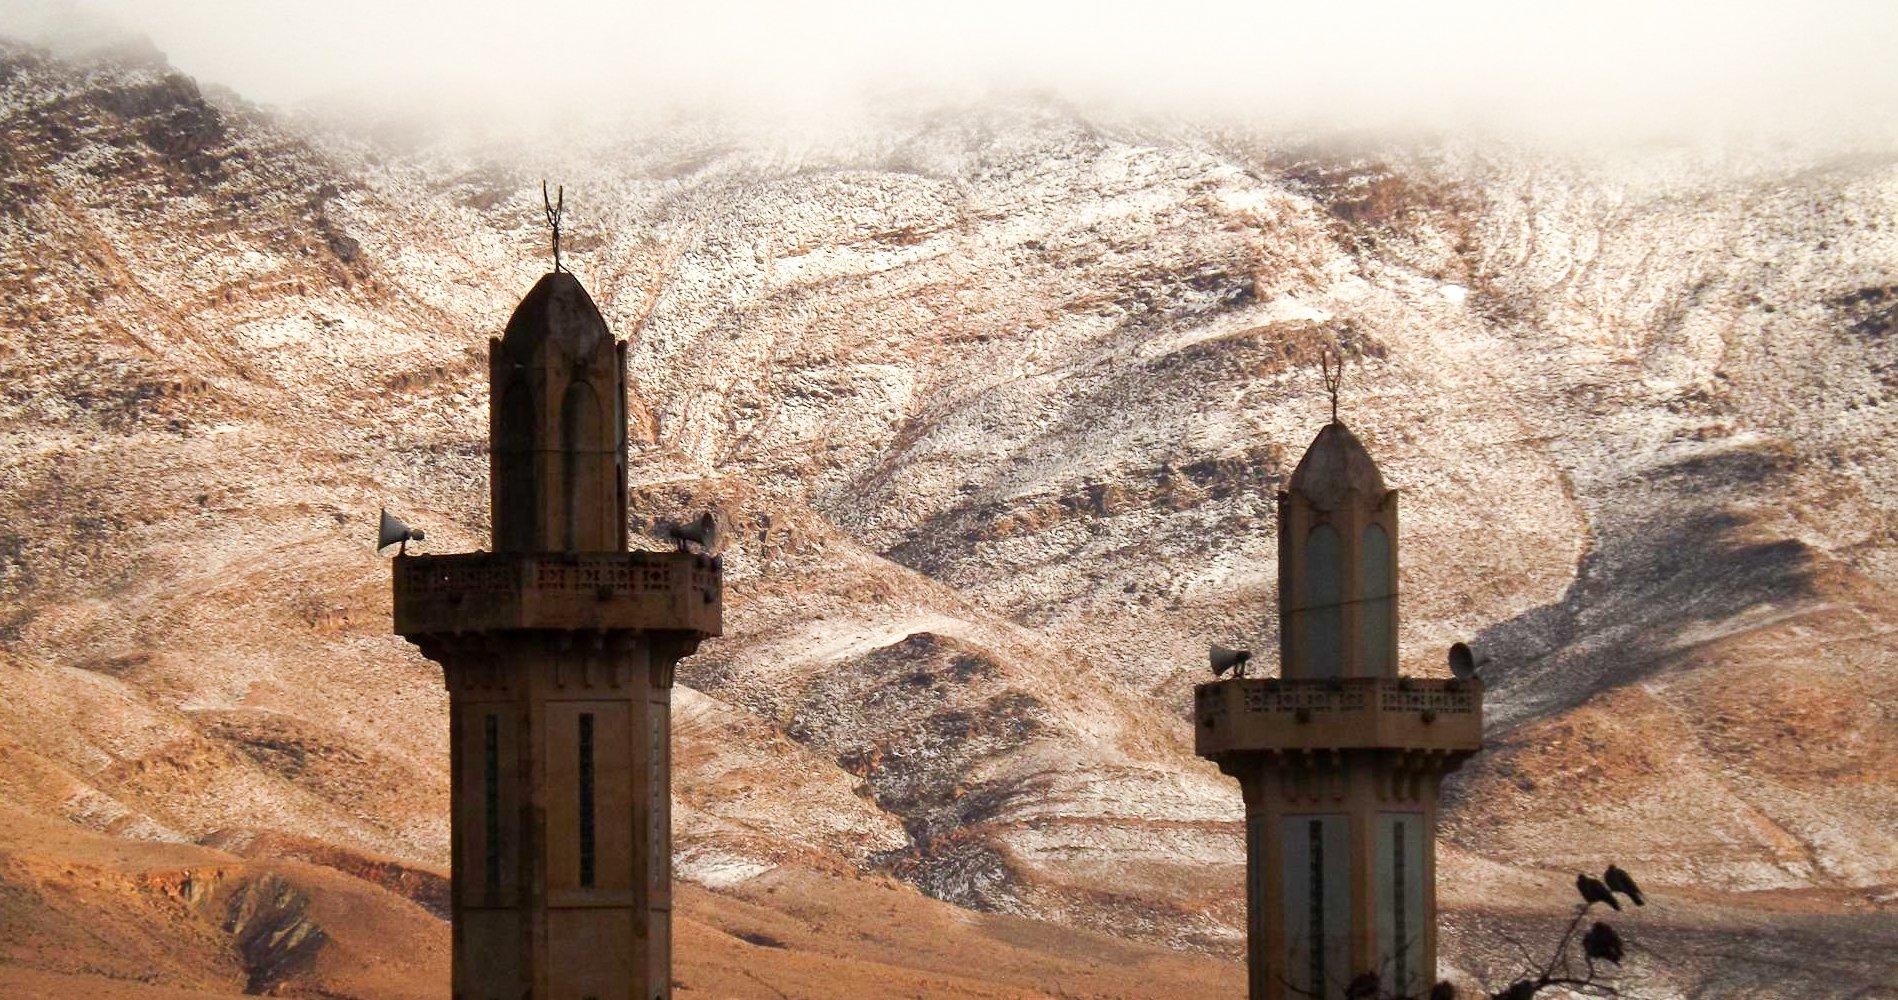 ЗИМАТА ДОЈДЕ: По 37 години падна снег во Сахара